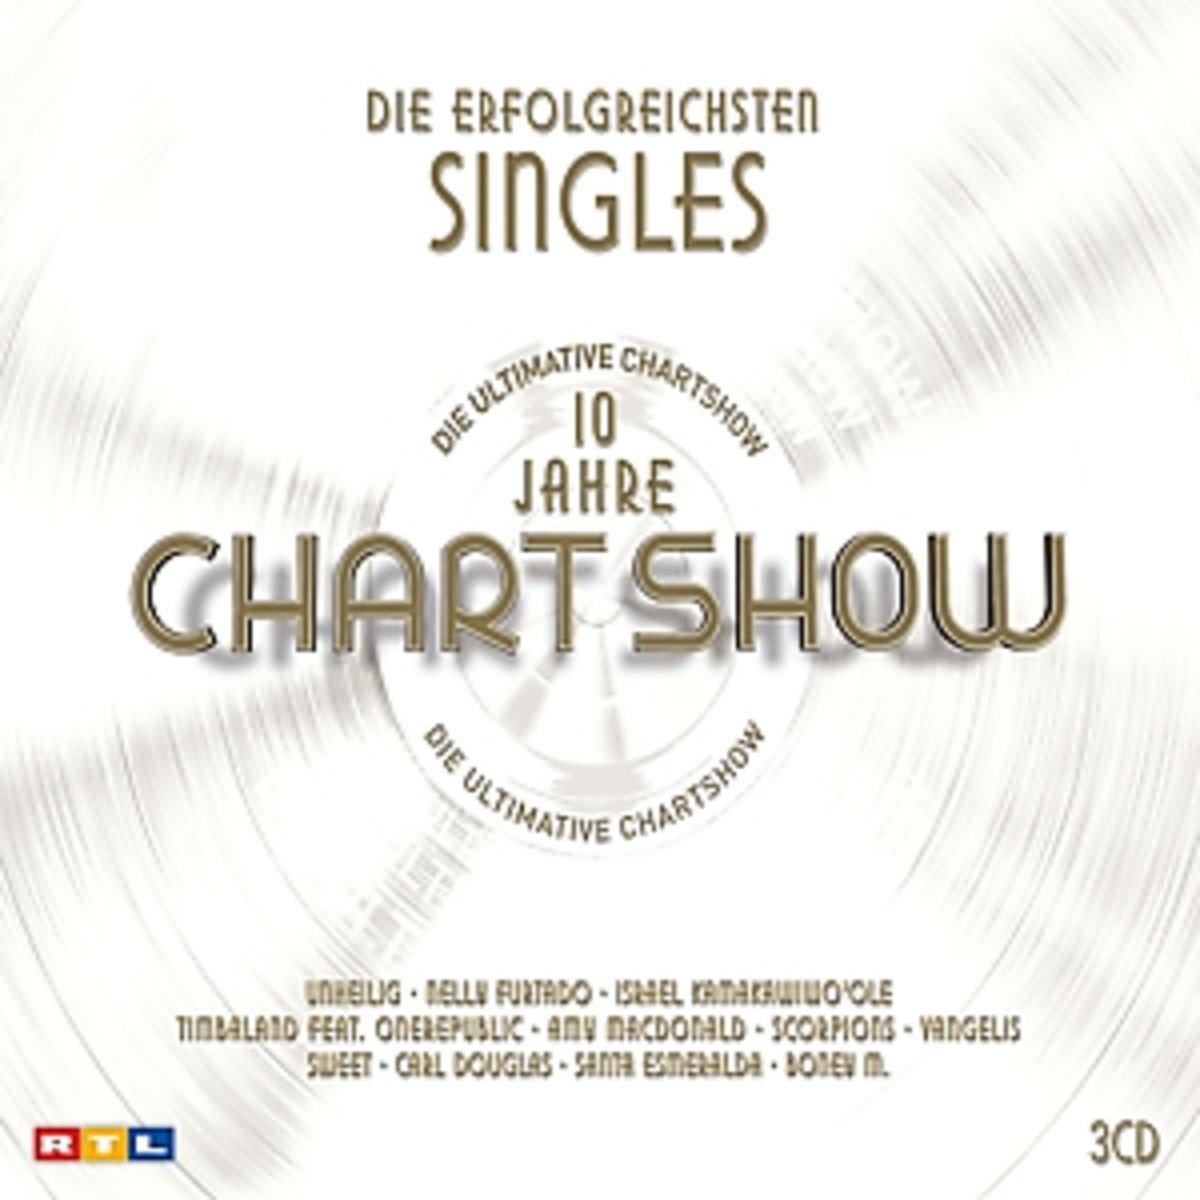 erfolgreichste single in deutschland aller zeiten